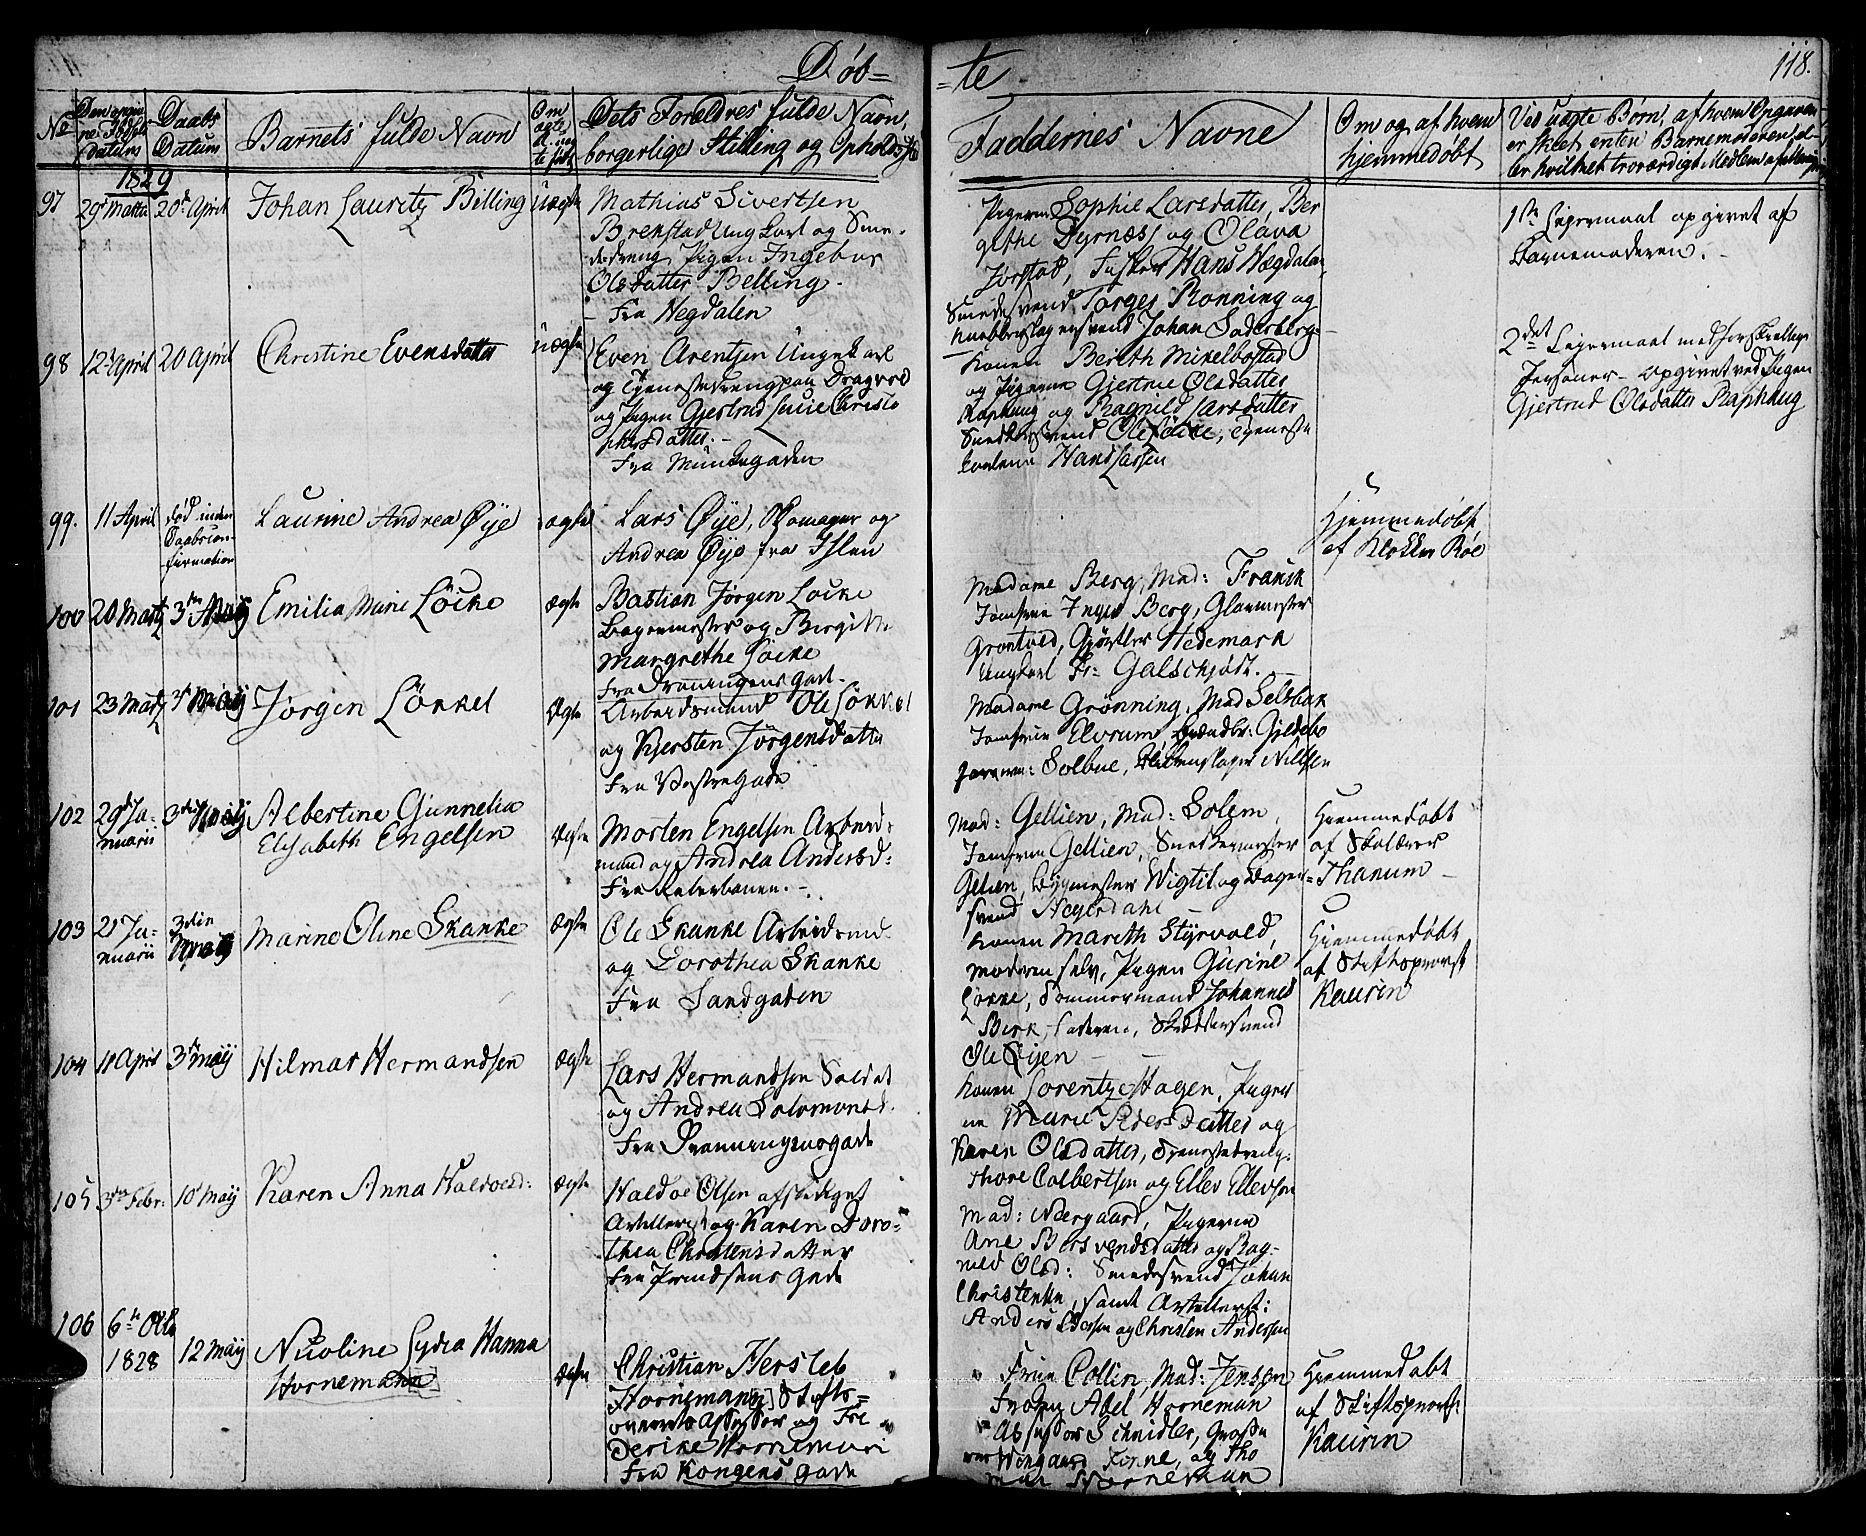 SAT, Ministerialprotokoller, klokkerbøker og fødselsregistre - Sør-Trøndelag, 601/L0045: Ministerialbok nr. 601A13, 1821-1831, s. 118